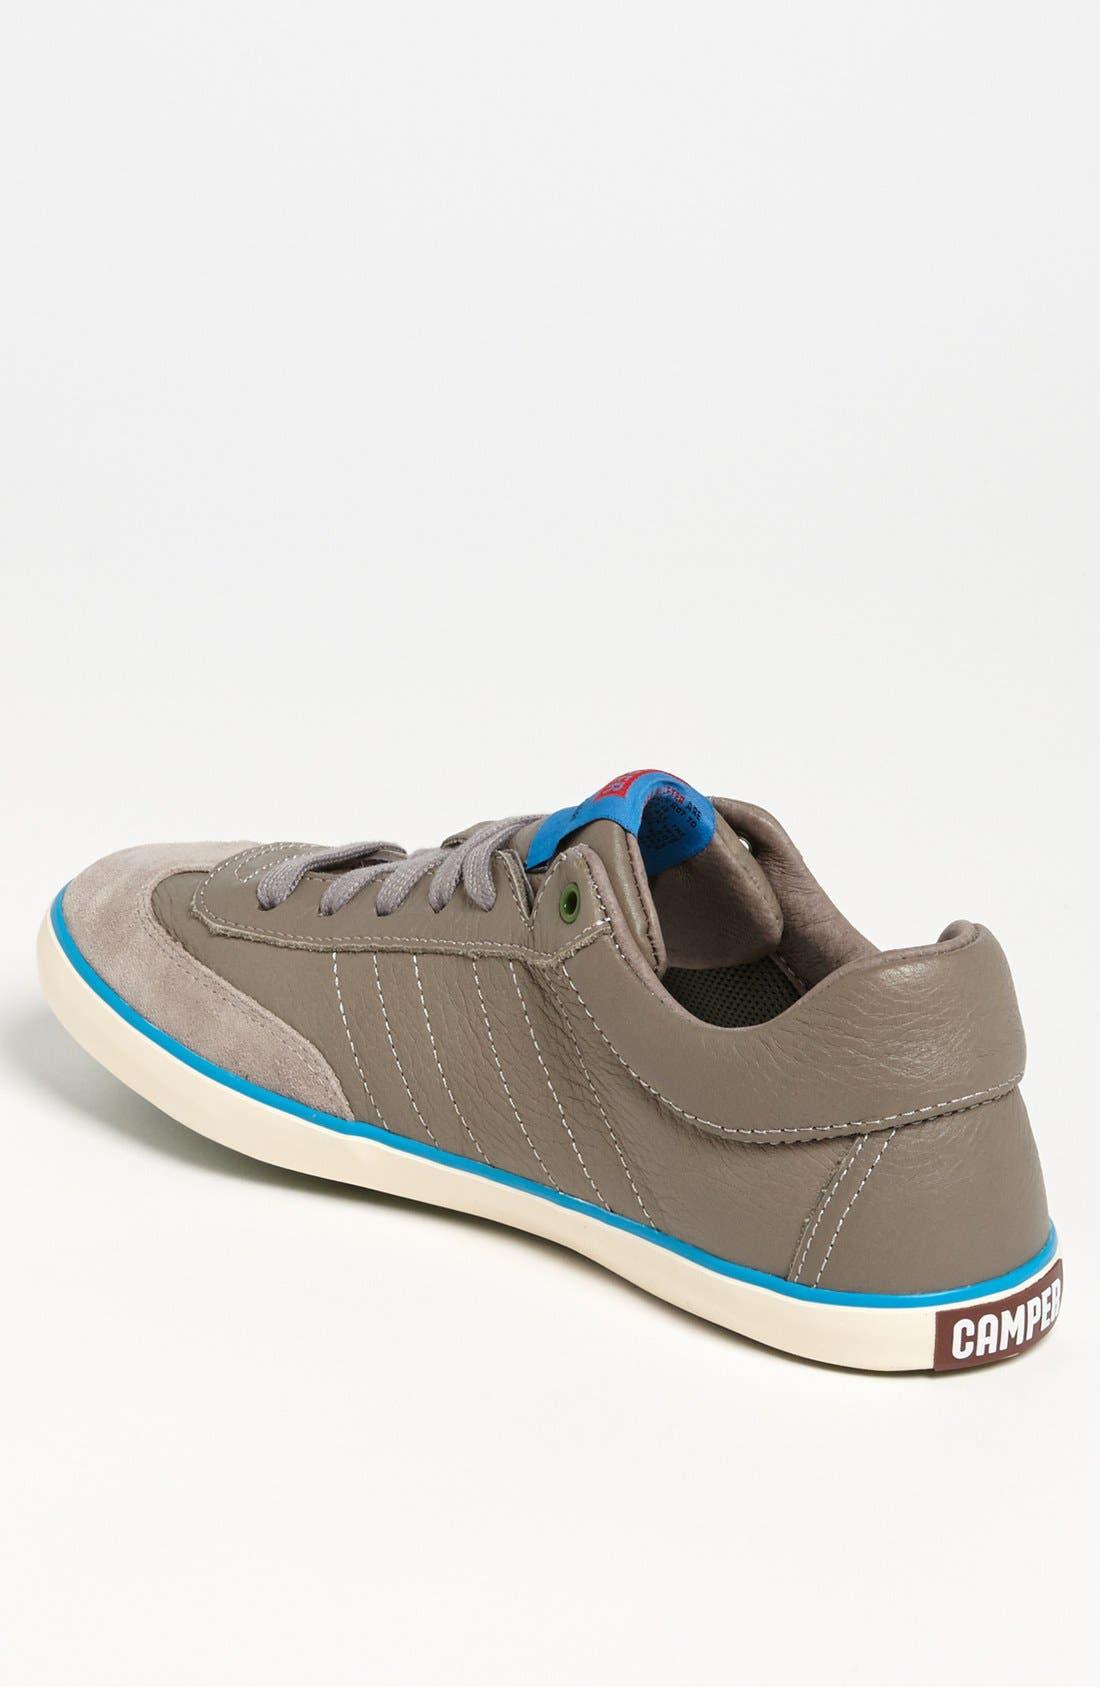 Alternate Image 2  - Camper 'Pelotas Persil' Sneaker